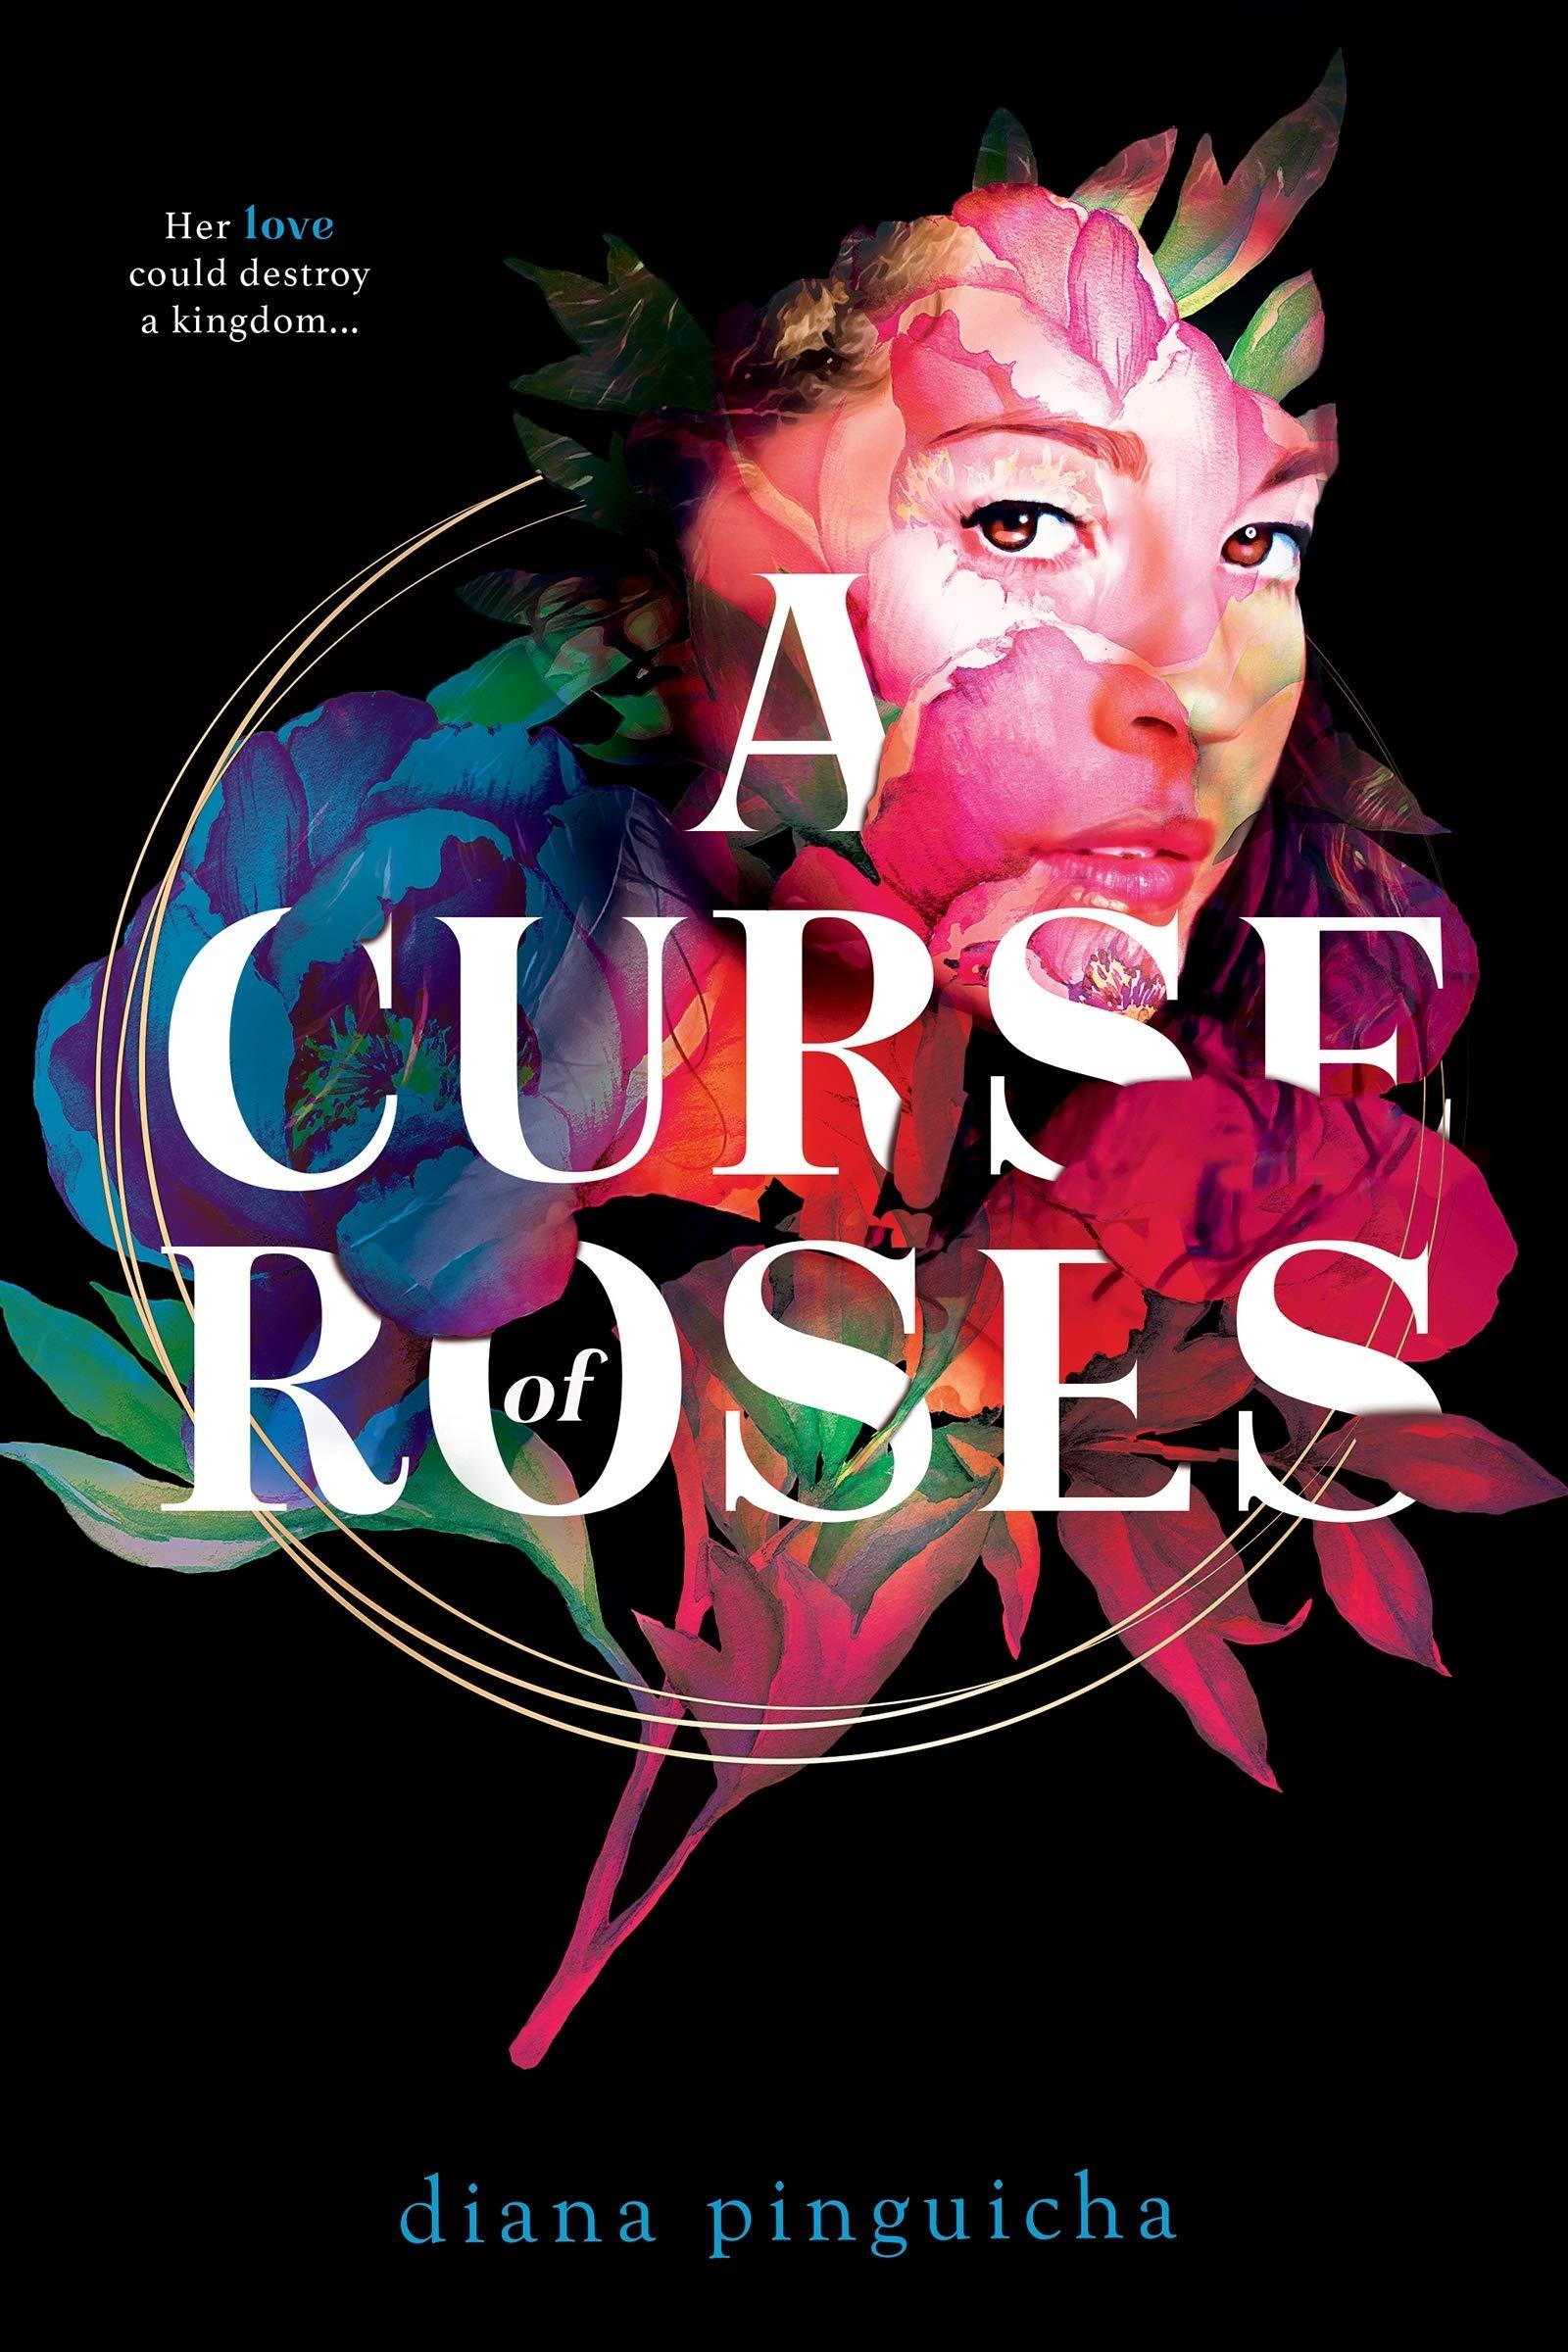 Amazon.com: A Curse of Roses: 9781682815090: Pinguicha, Diana: Books